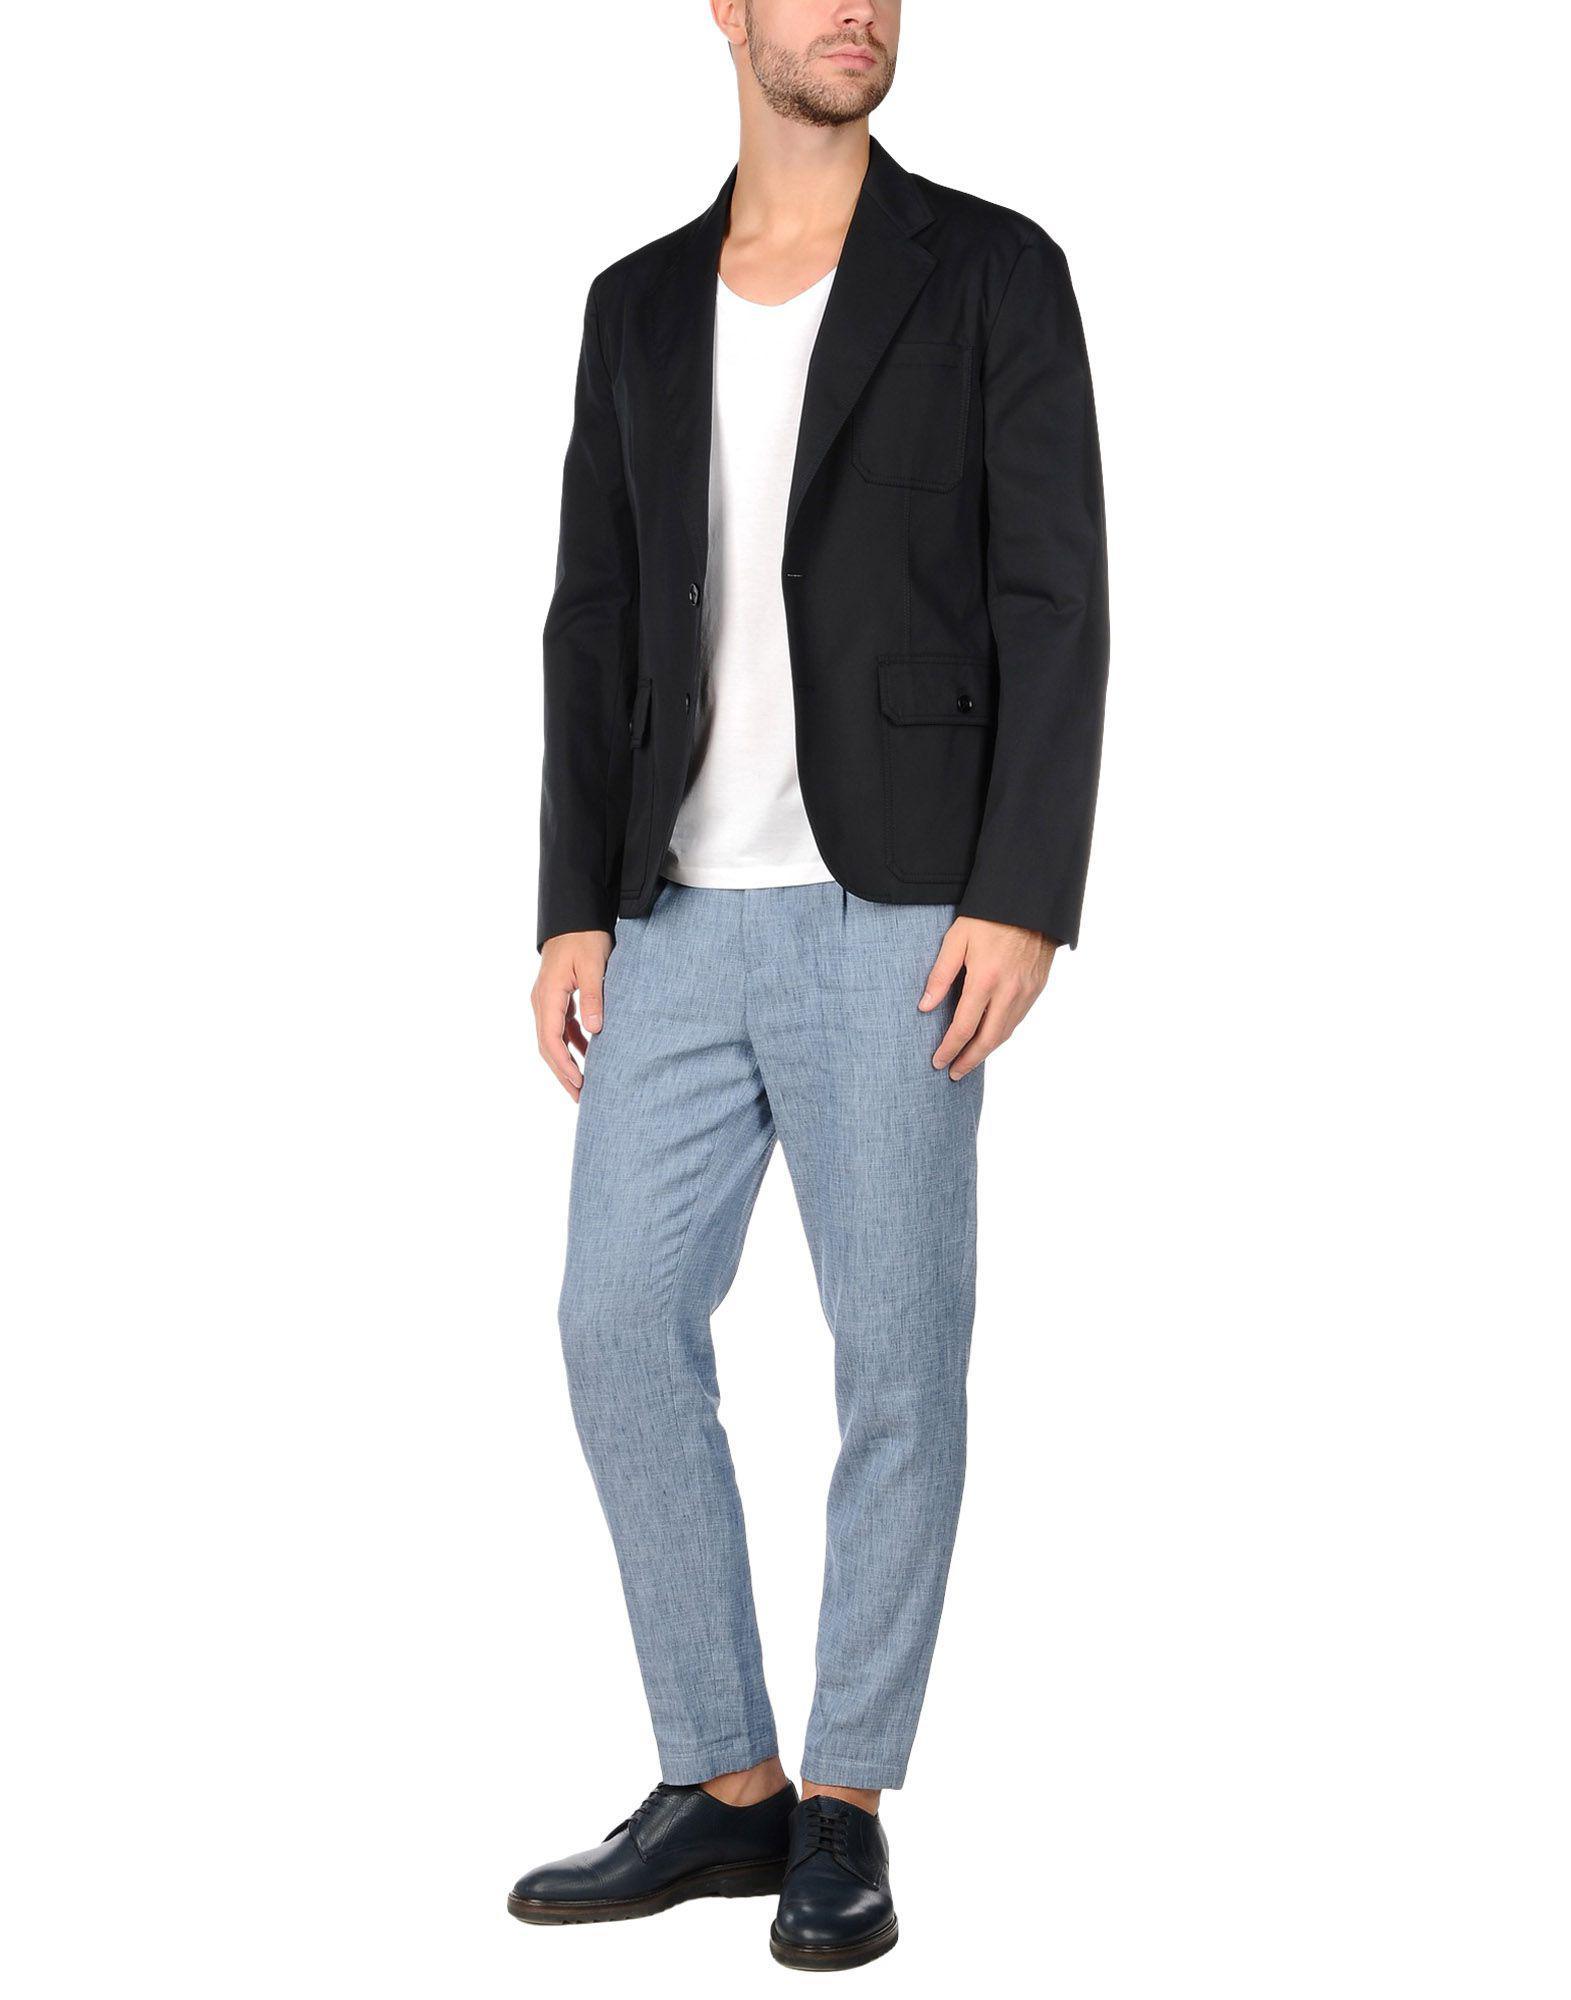 Maison Margiela Cotton Suit Jacket in Dark Blue (Blue) for Men